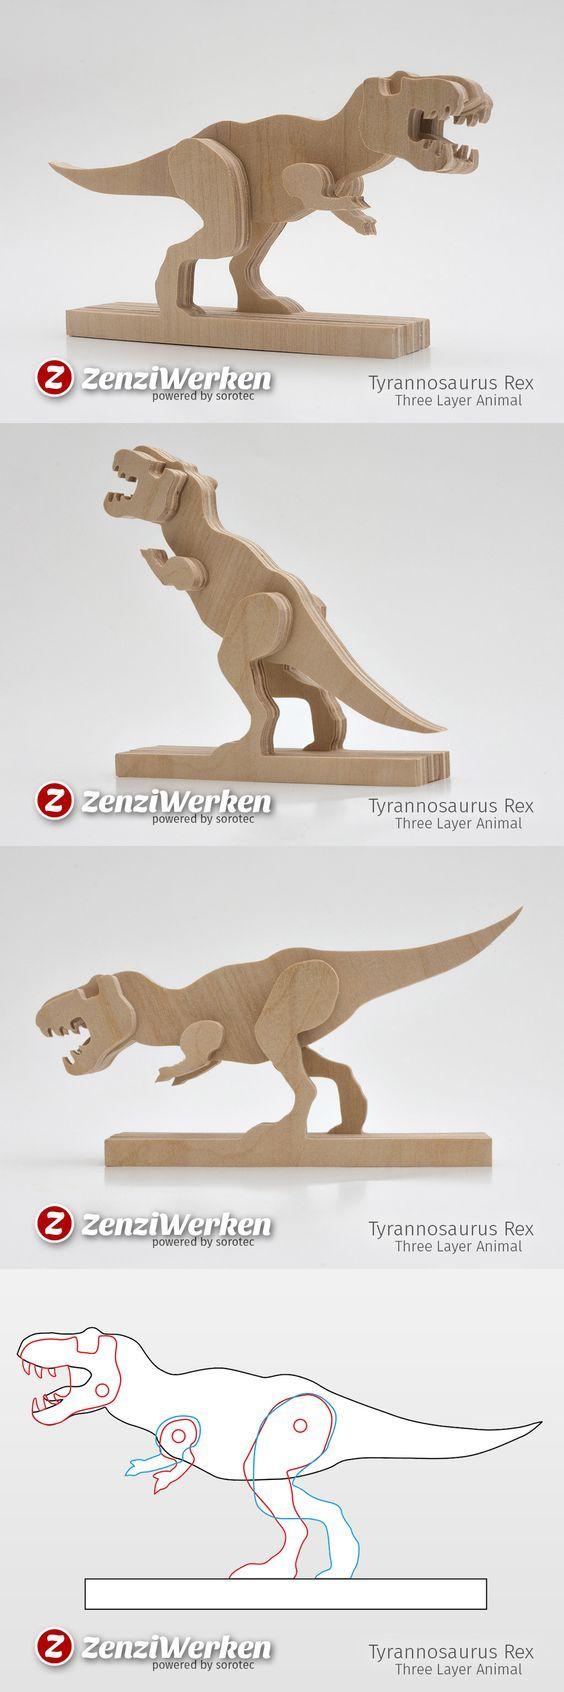 Ich Und Mein Holz Download : t rex diy simplified model baltic birch plywood kinderspielzeug aus holz dinosaurier ~ Watch28wear.com Haus und Dekorationen